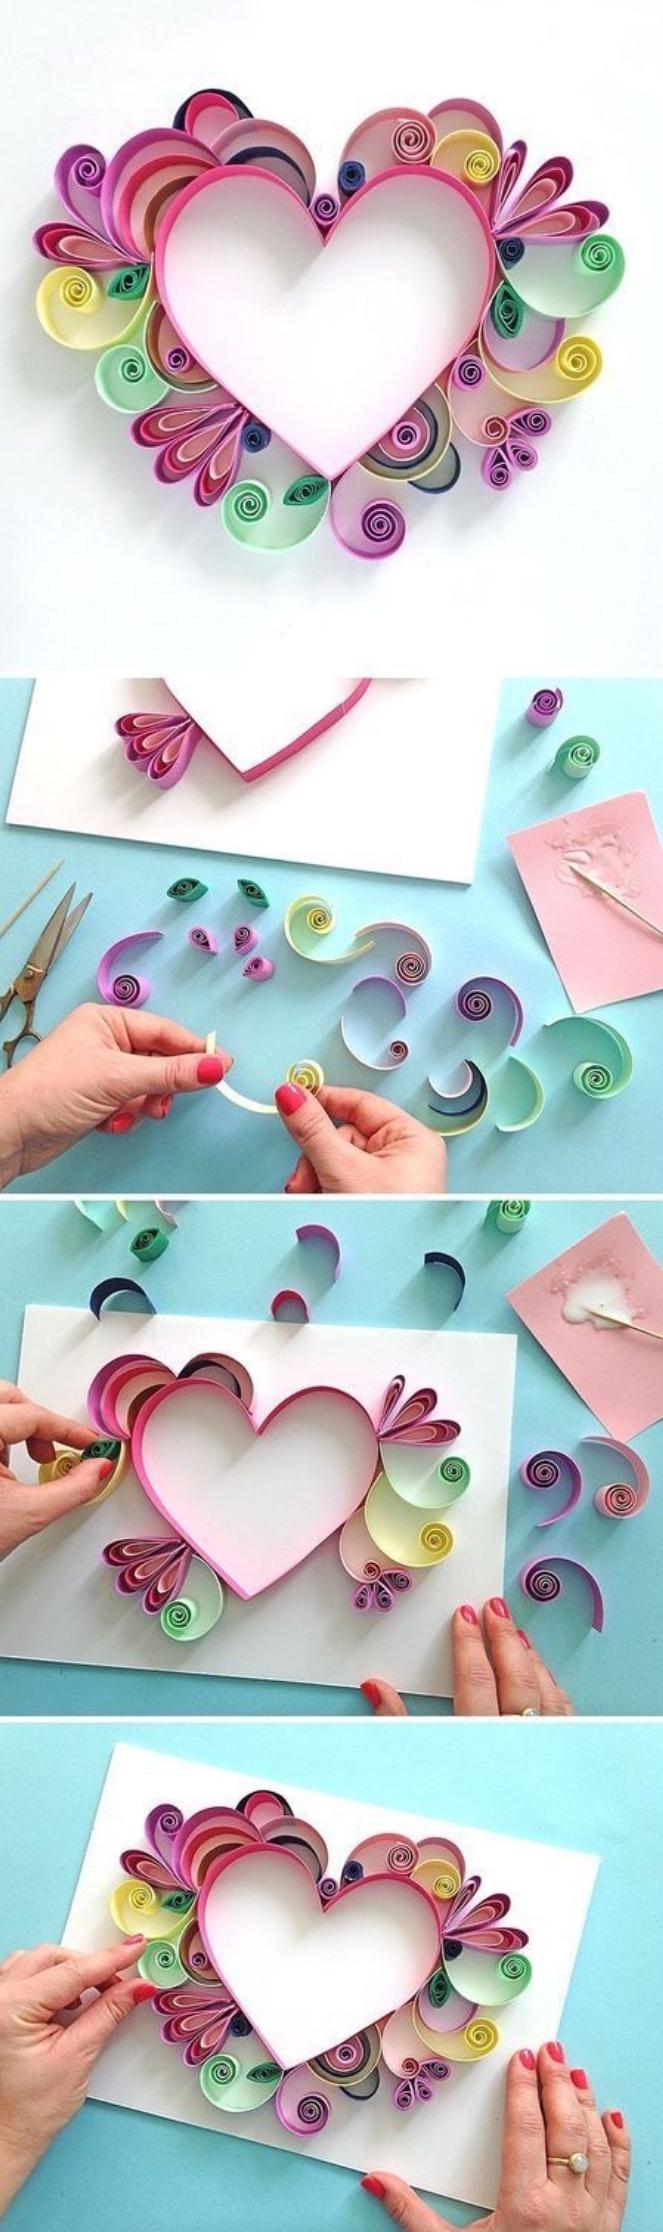 preciosas decoraciones con papel, cuadros para regalar unicos para el Día de la madre, ideas de manualidades sencillas para niños